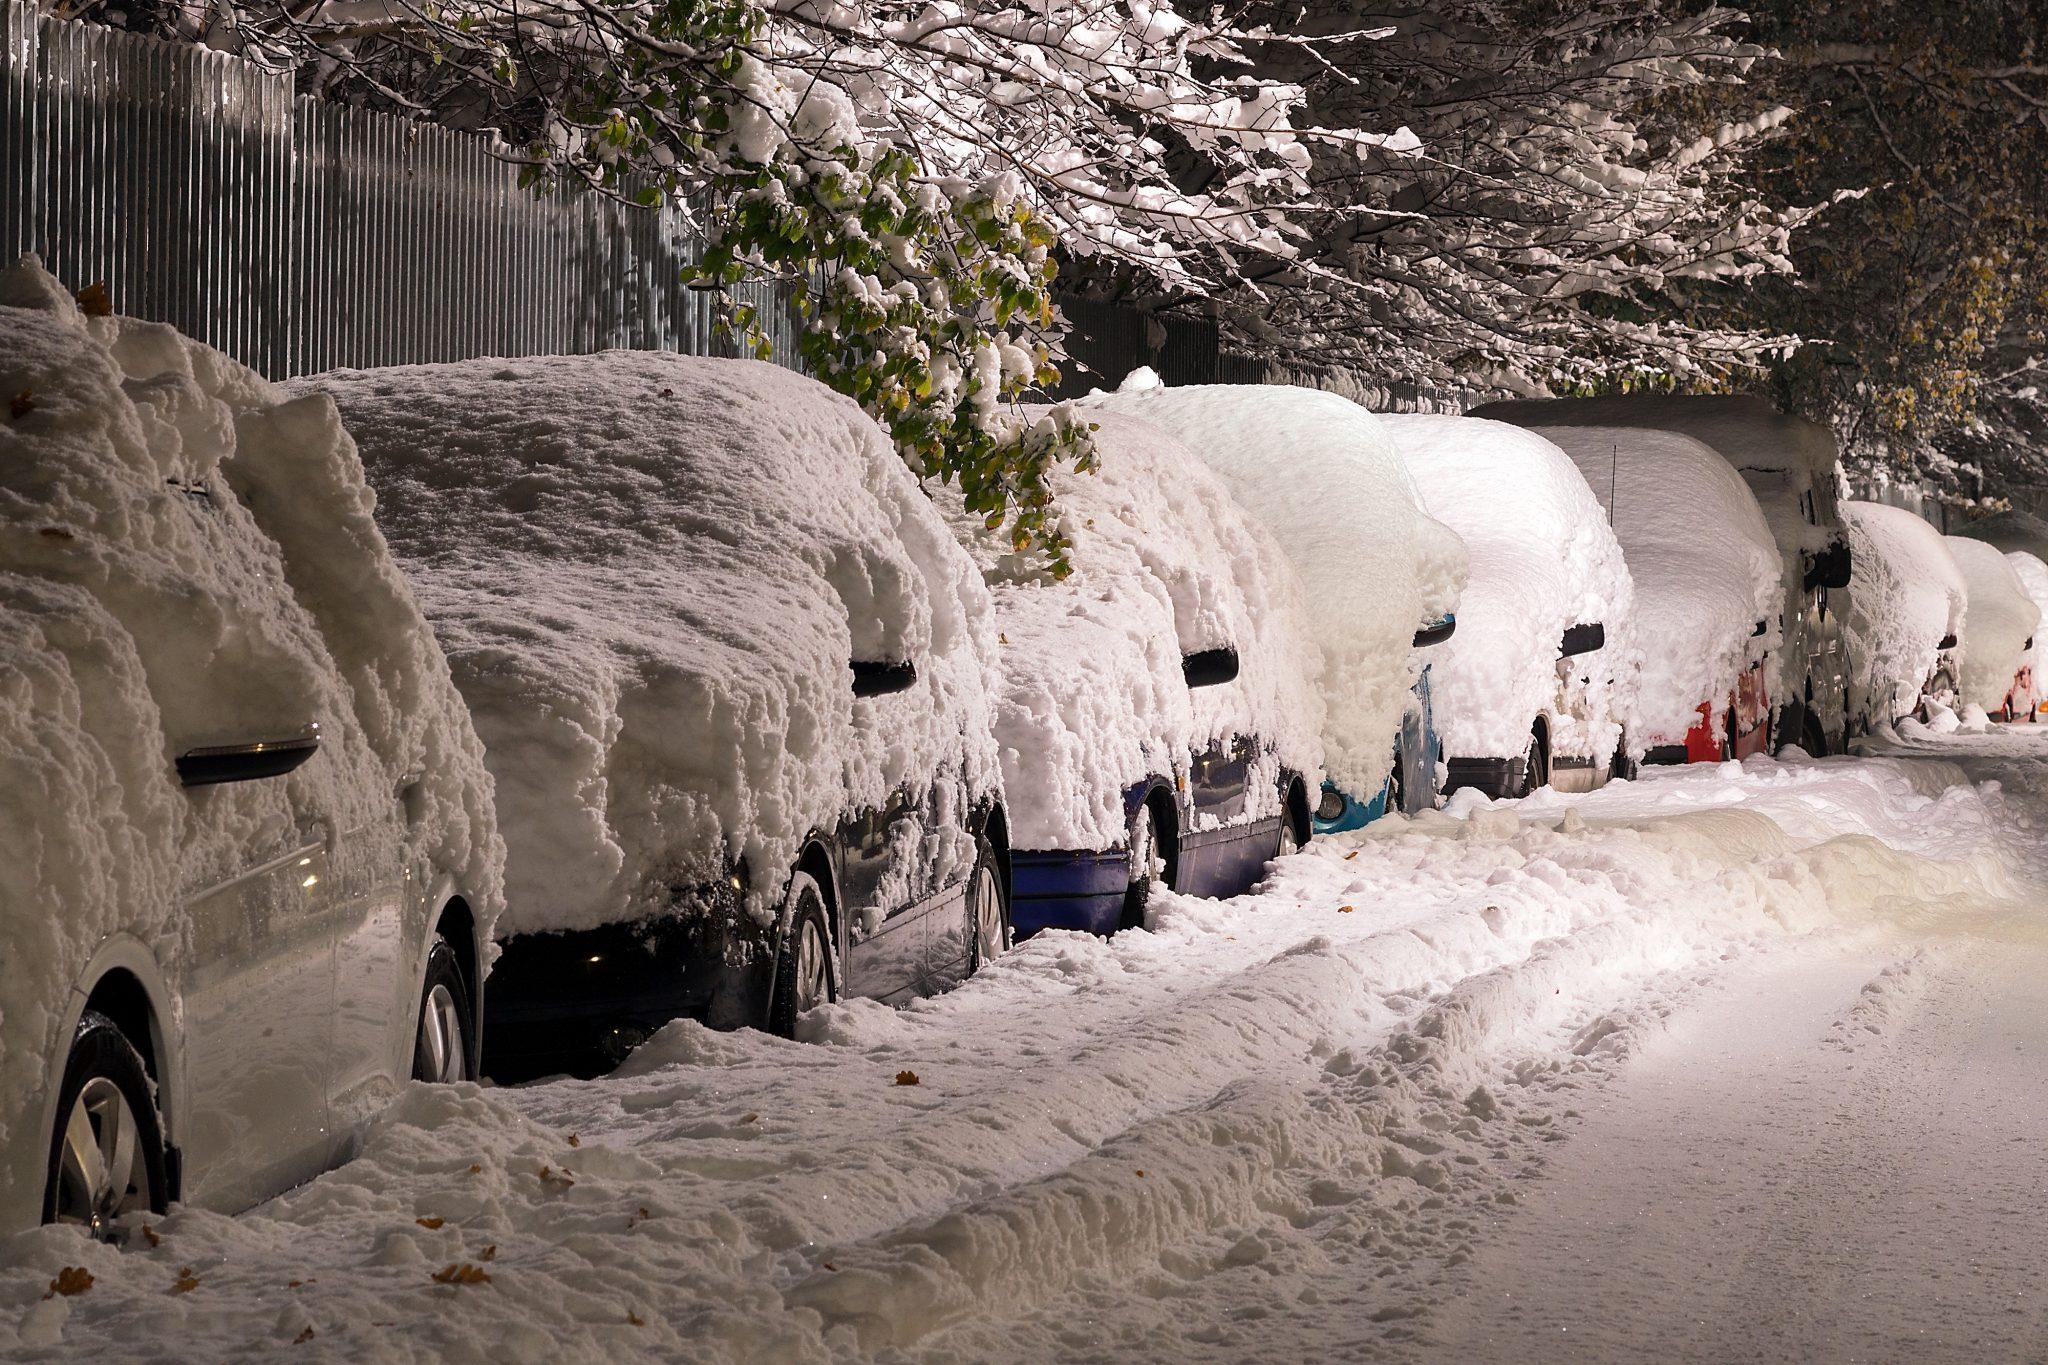 ghiaccio automobile